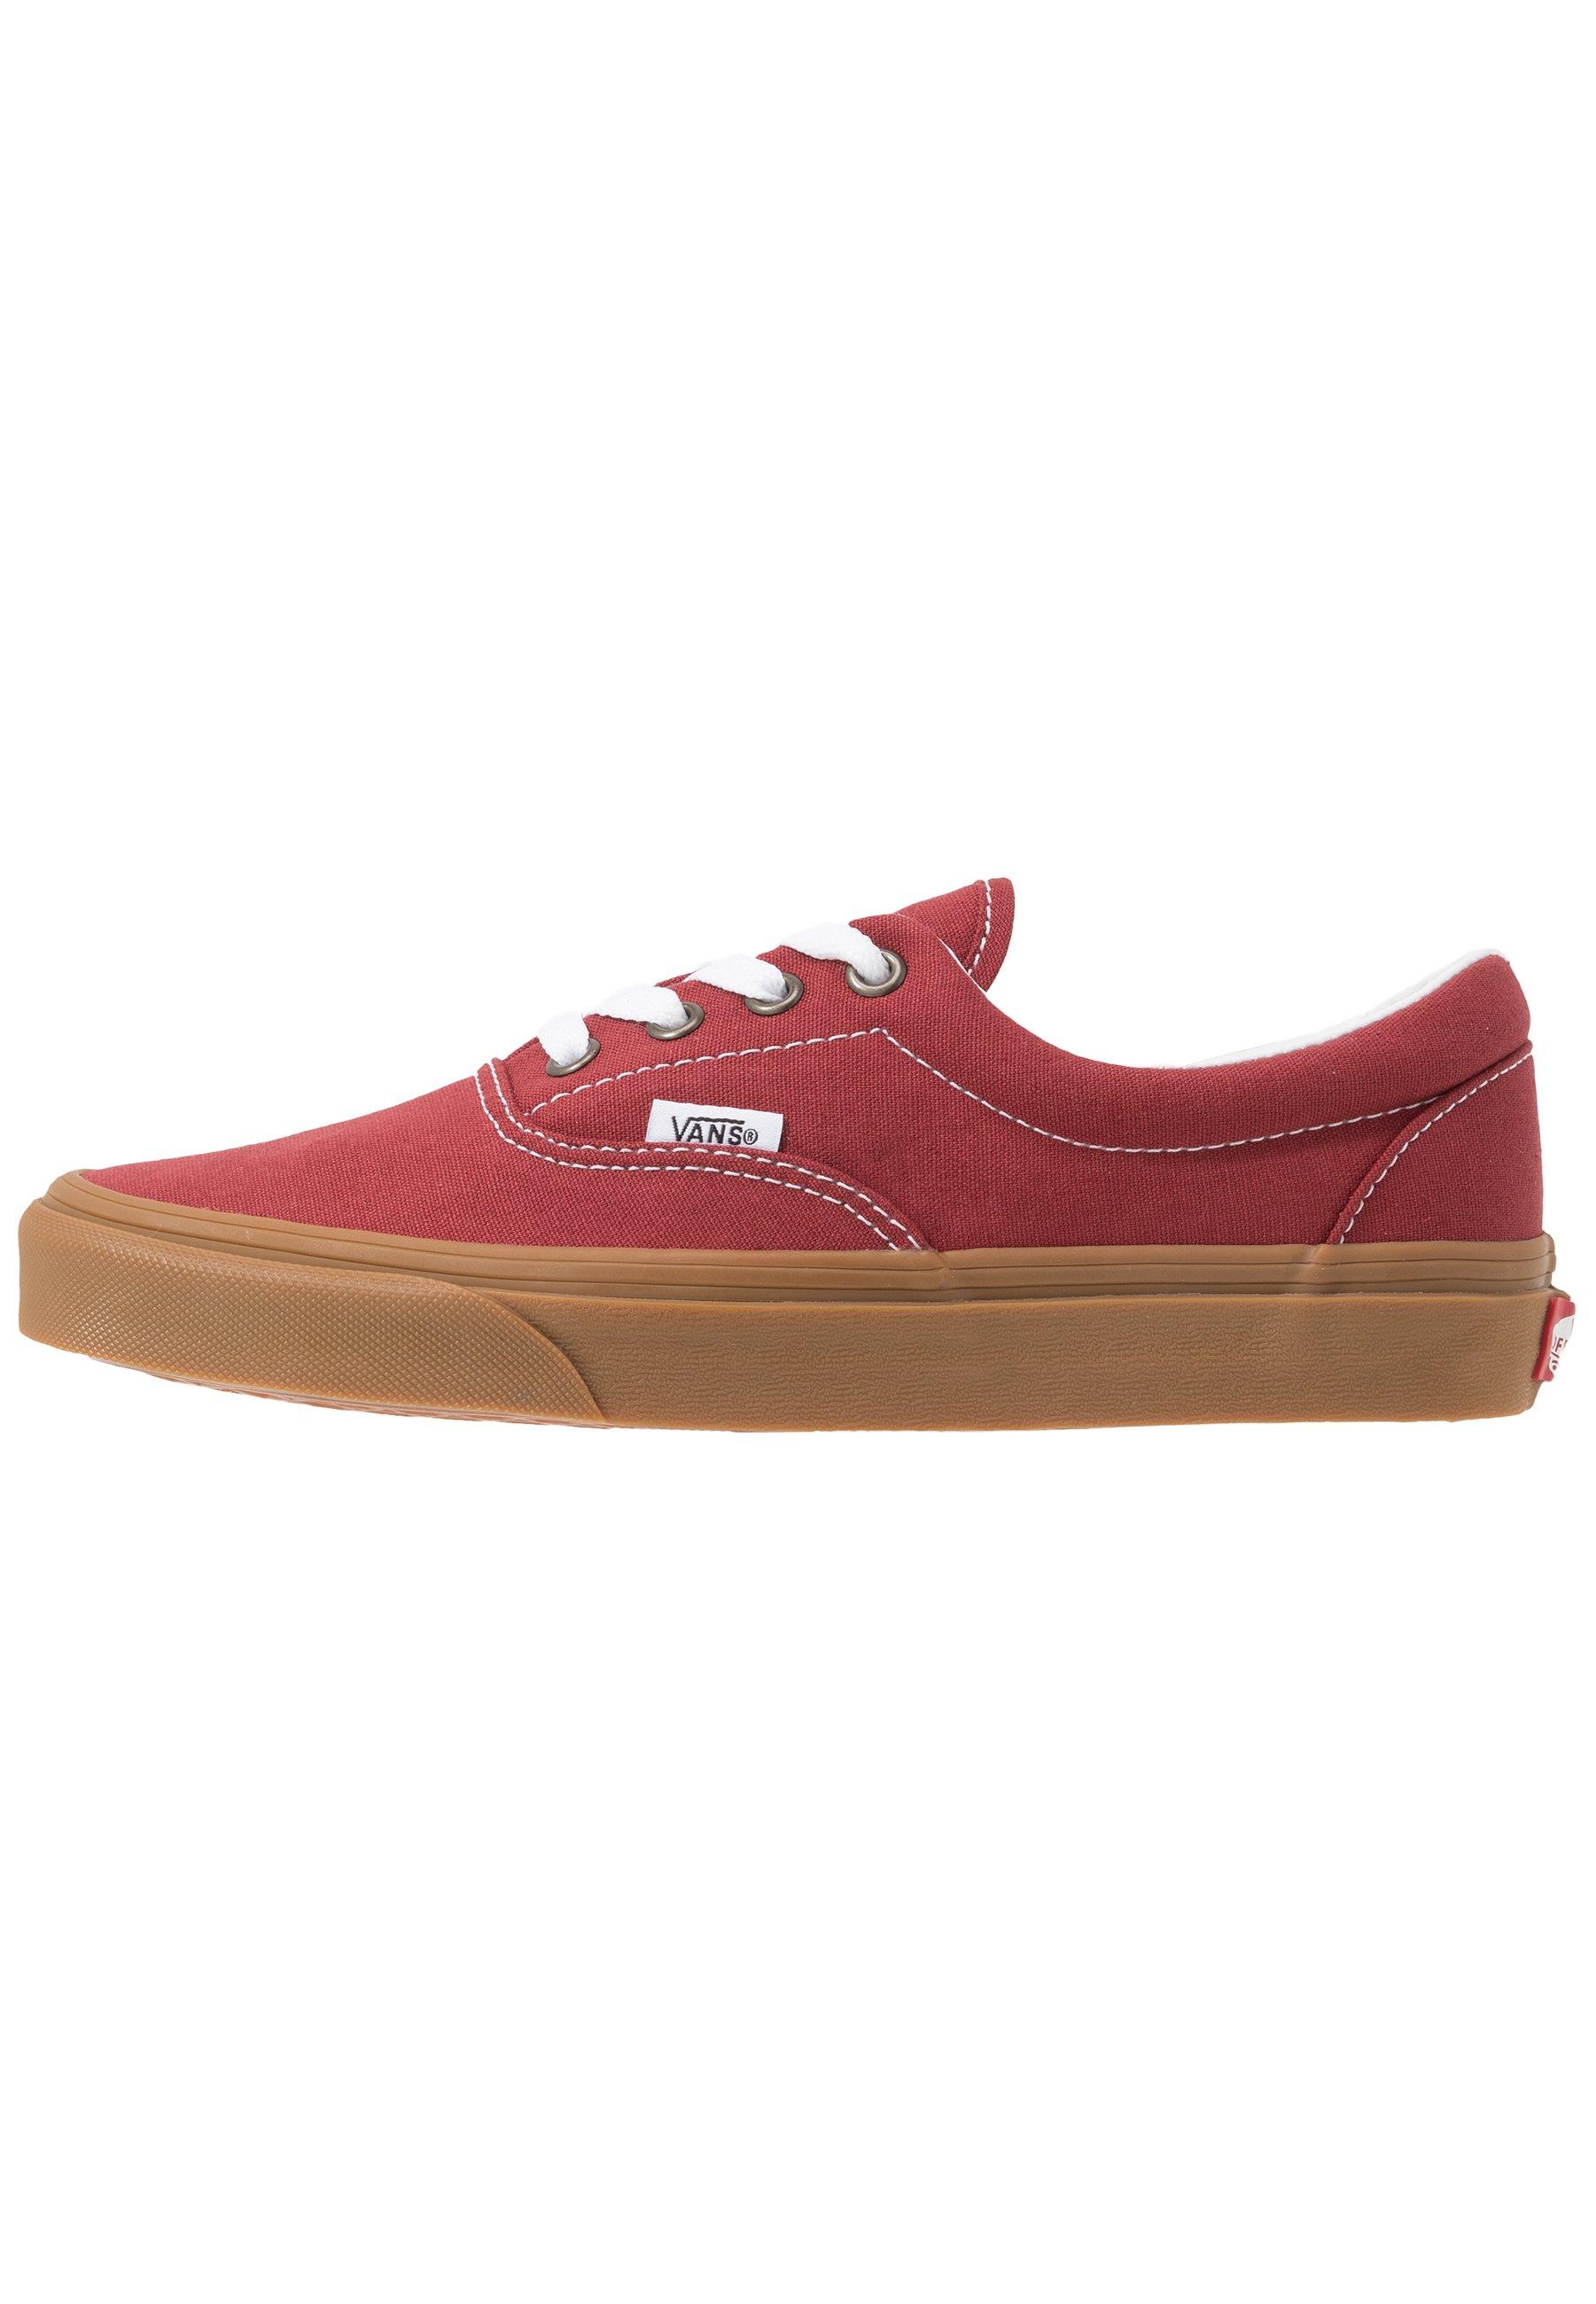 Vans Era - Sneakers Rosewood/true White